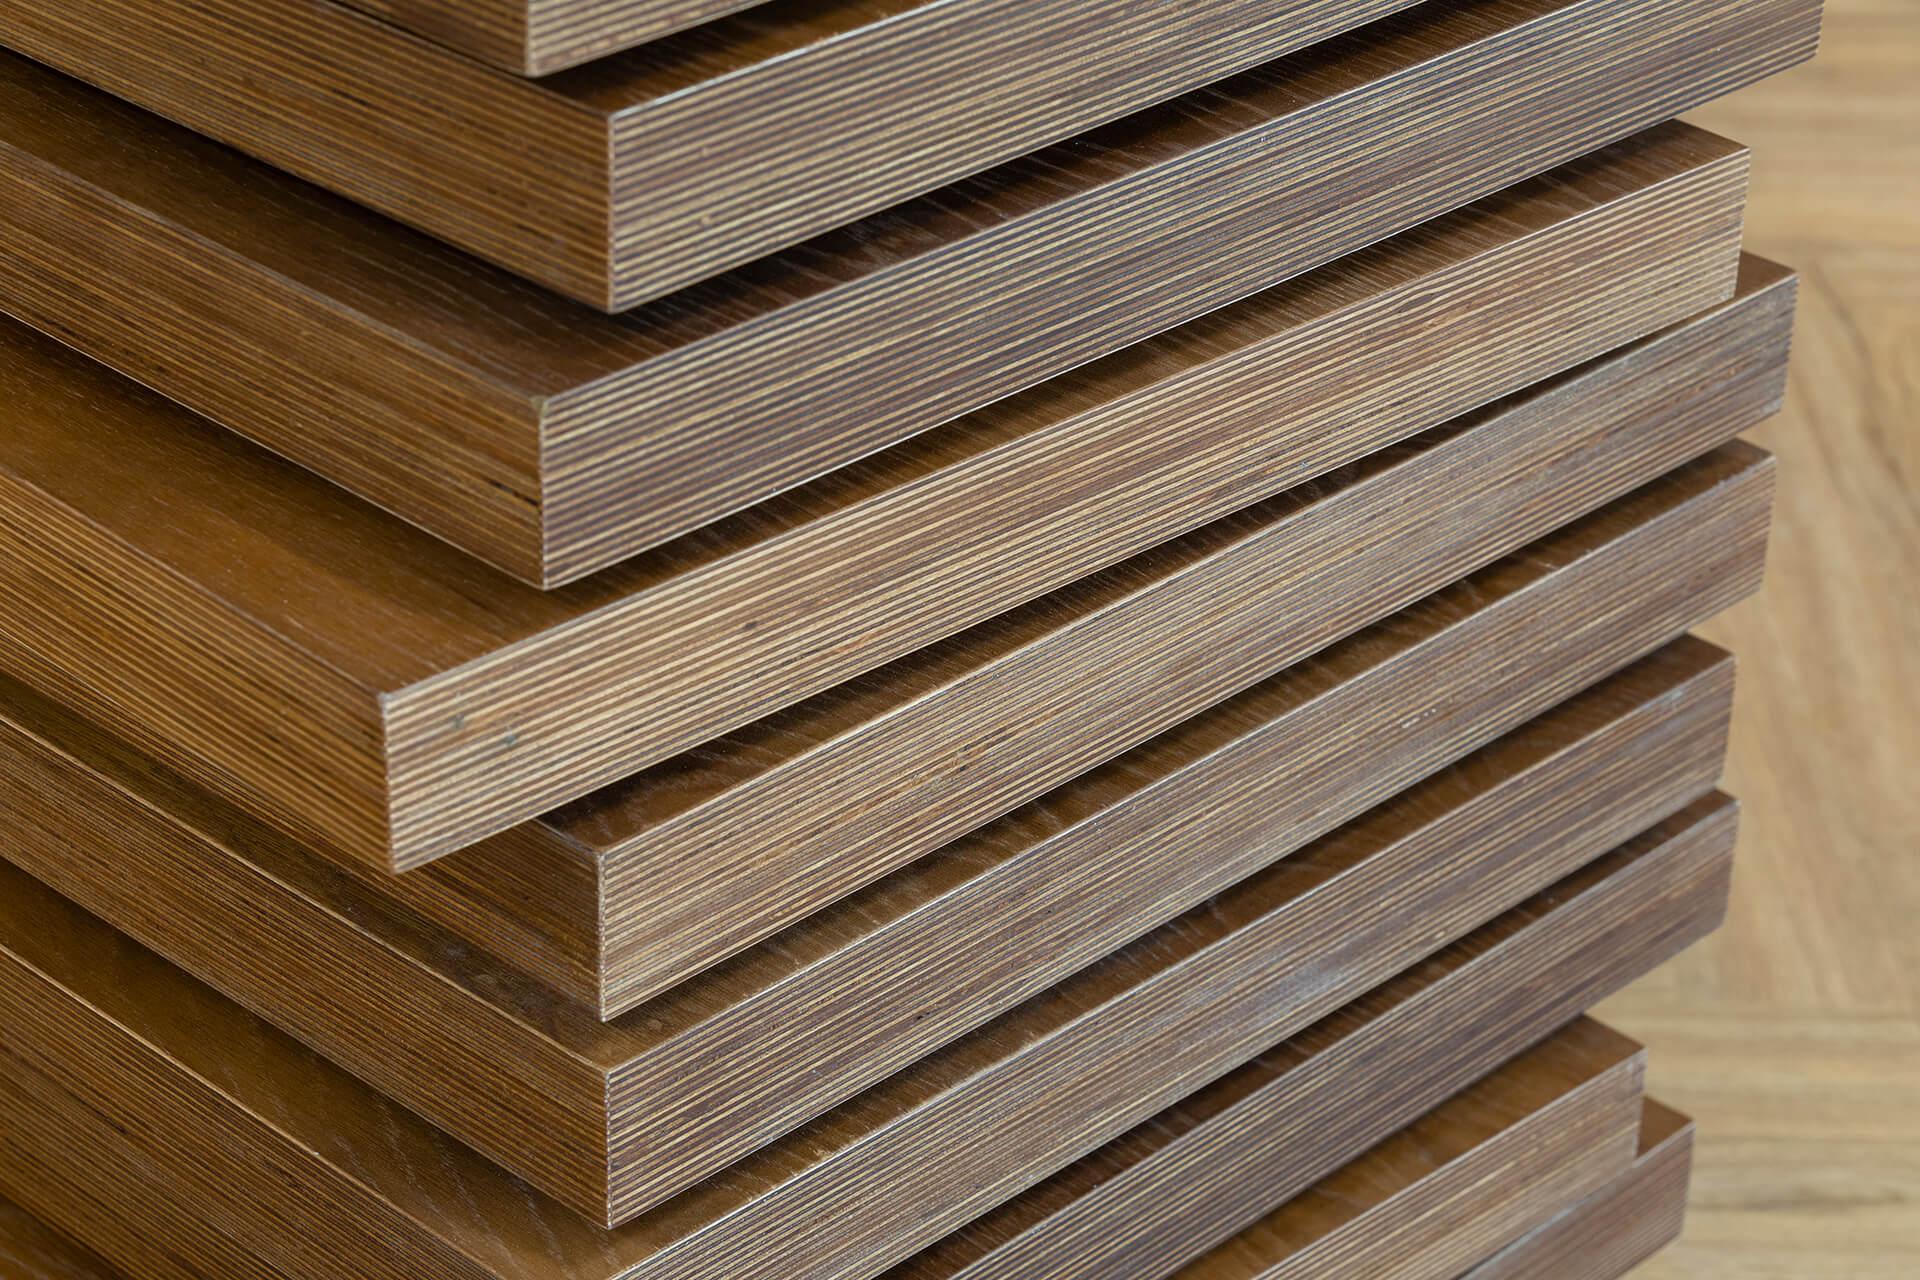 Placas de madeira tratada empilhadas, para produção personalizada